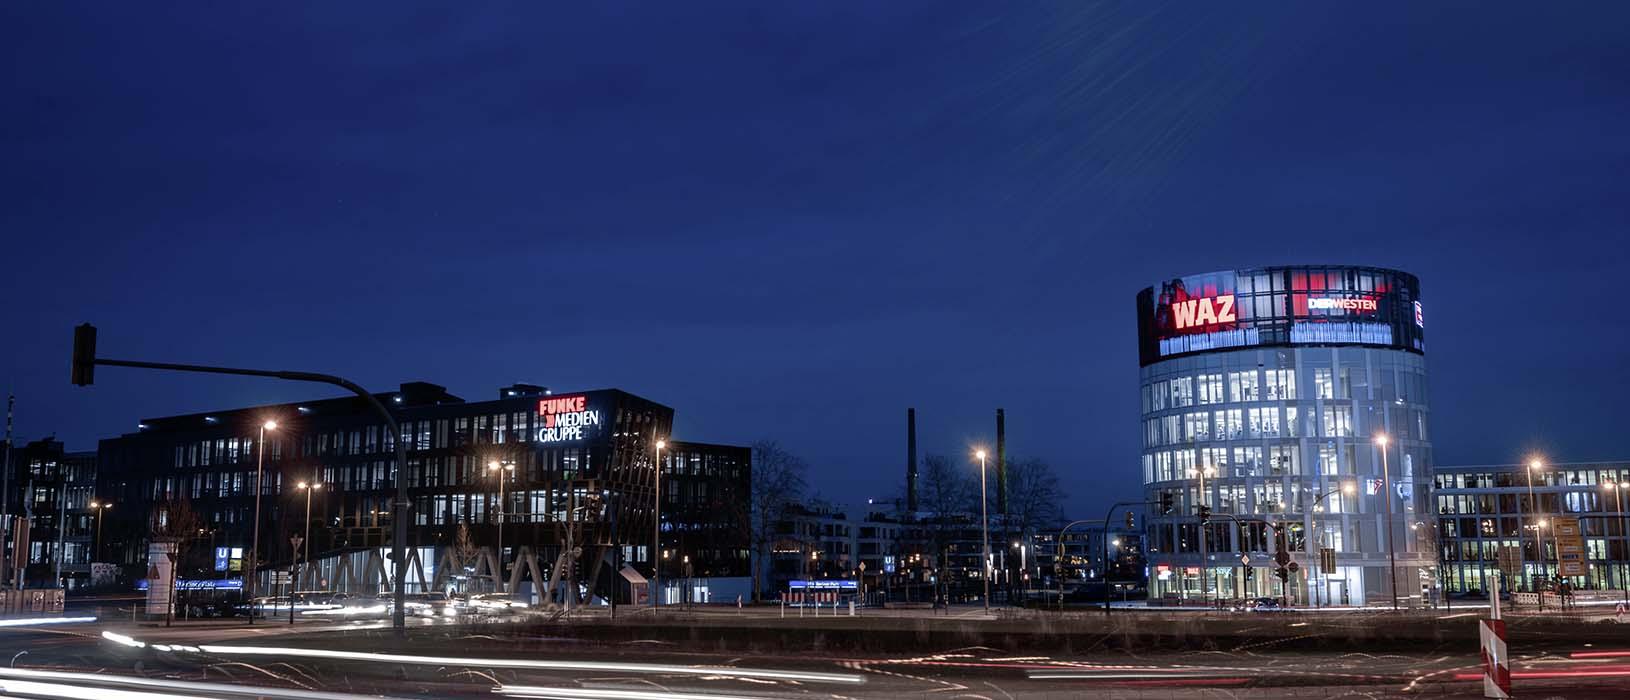 Mit einer Breite von 45 Metern und einer Höhe von 7,5 Metern bietet die NewsWall ein außergewöhnliches 180 Grad-Werbeformat. Foto: Ralf Rottmann/FUNKE Foto Services